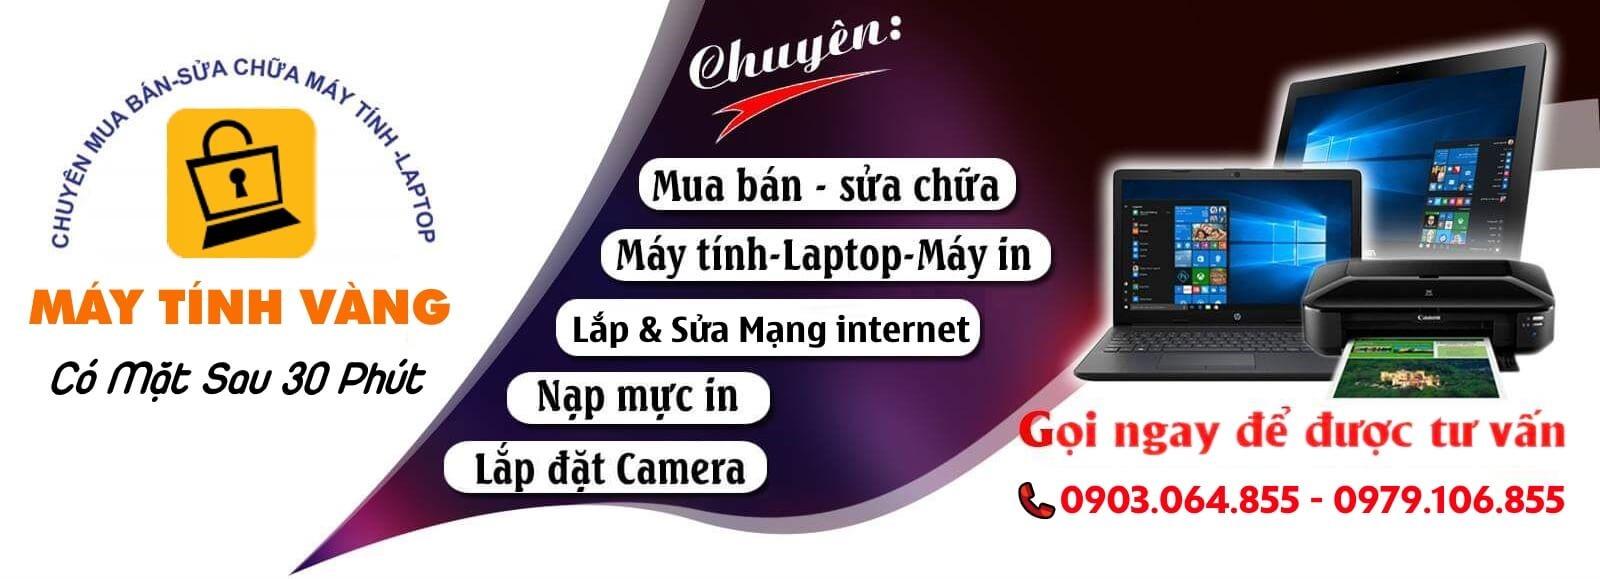 Máy Tính Vàng – Chuyên sửa laptop Quận 10 hàng đầu hiện nay.